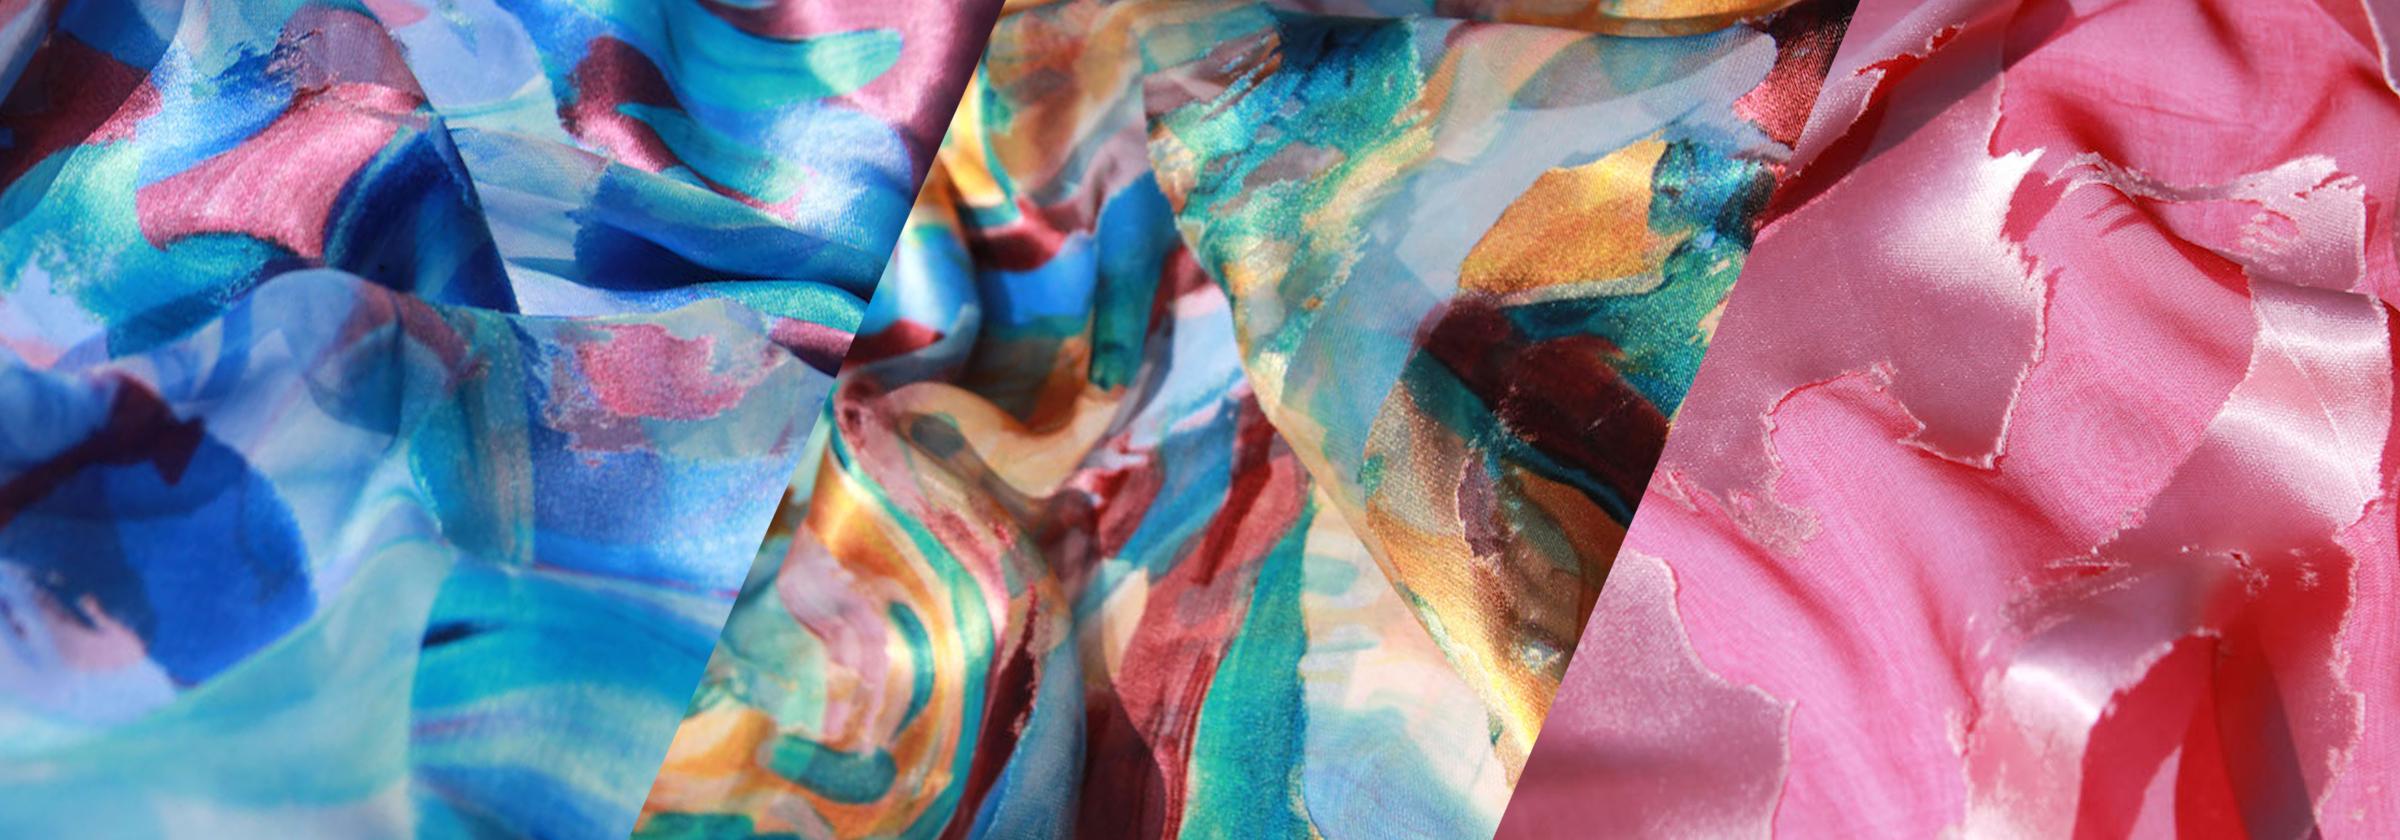 LCFBA18: Meet the five fashion textiles graduates you need to know this season